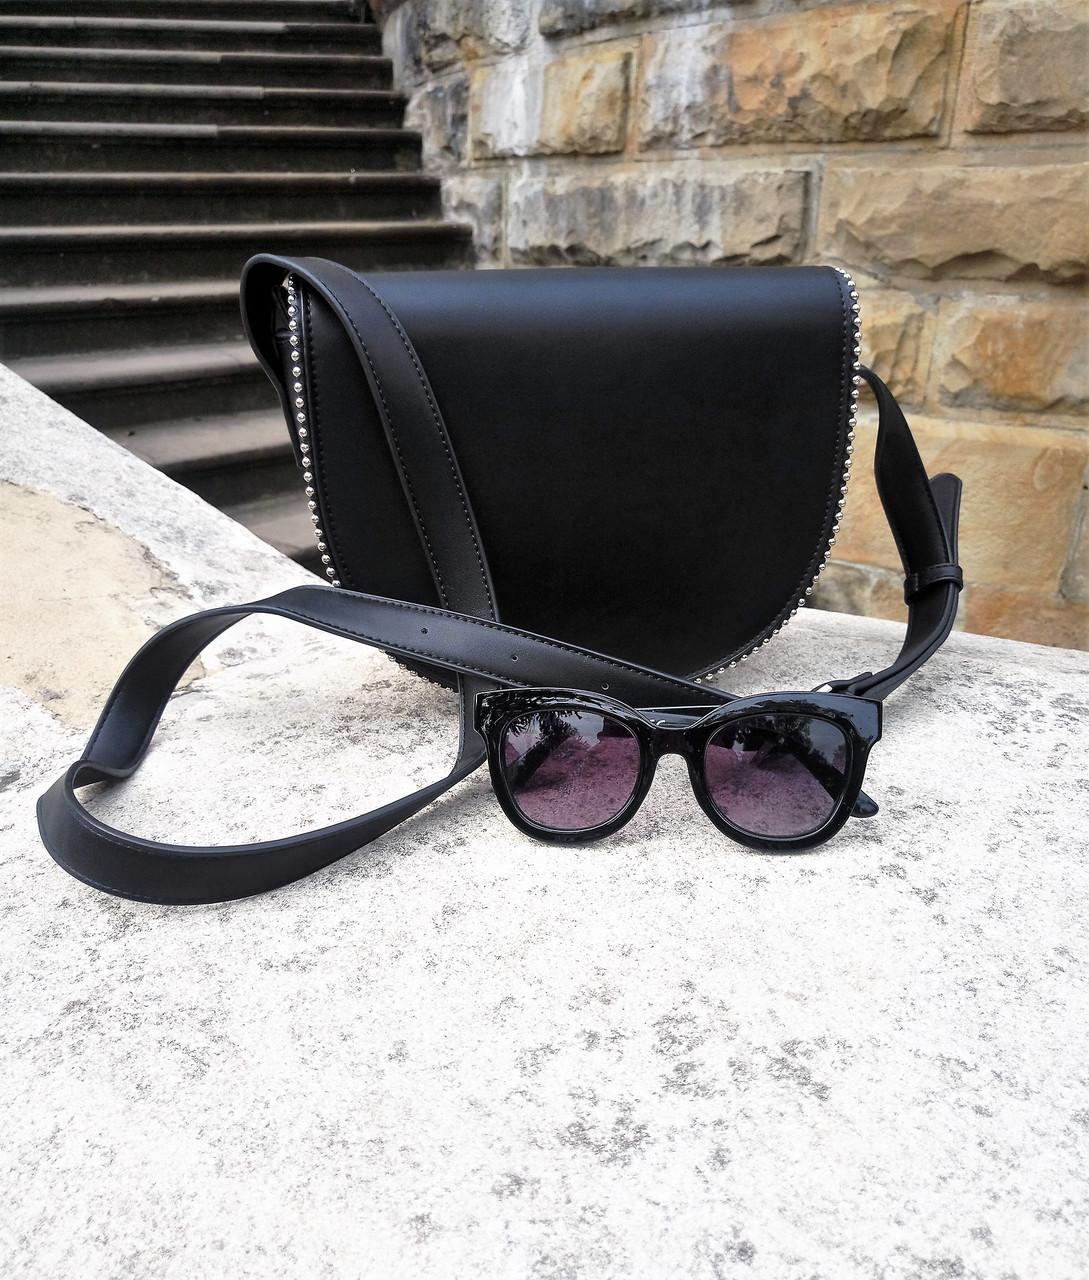 Женская сумка Reserved лимитированная коллекция цвет черный экокожа ... 7c24066d8a880